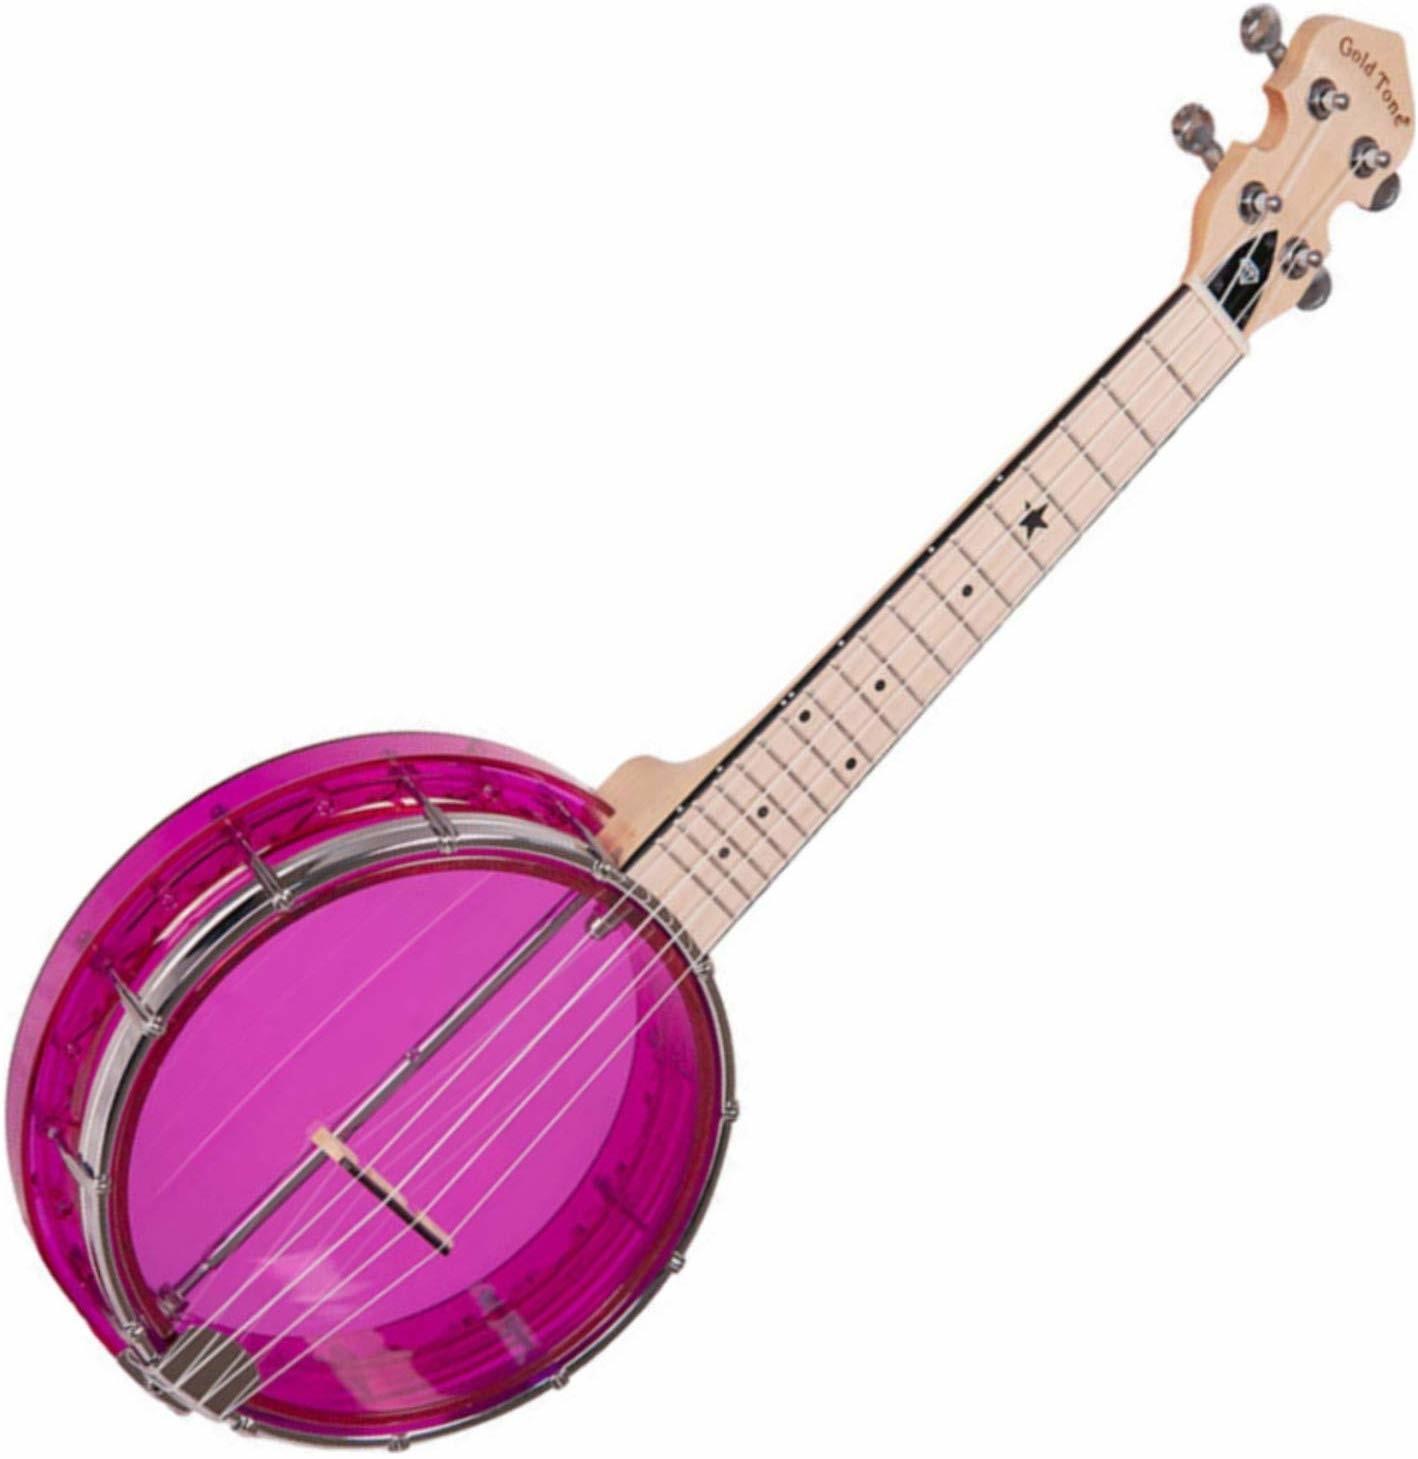 Image of Gold Tone Little Gem Concert Banjo-Ukulele